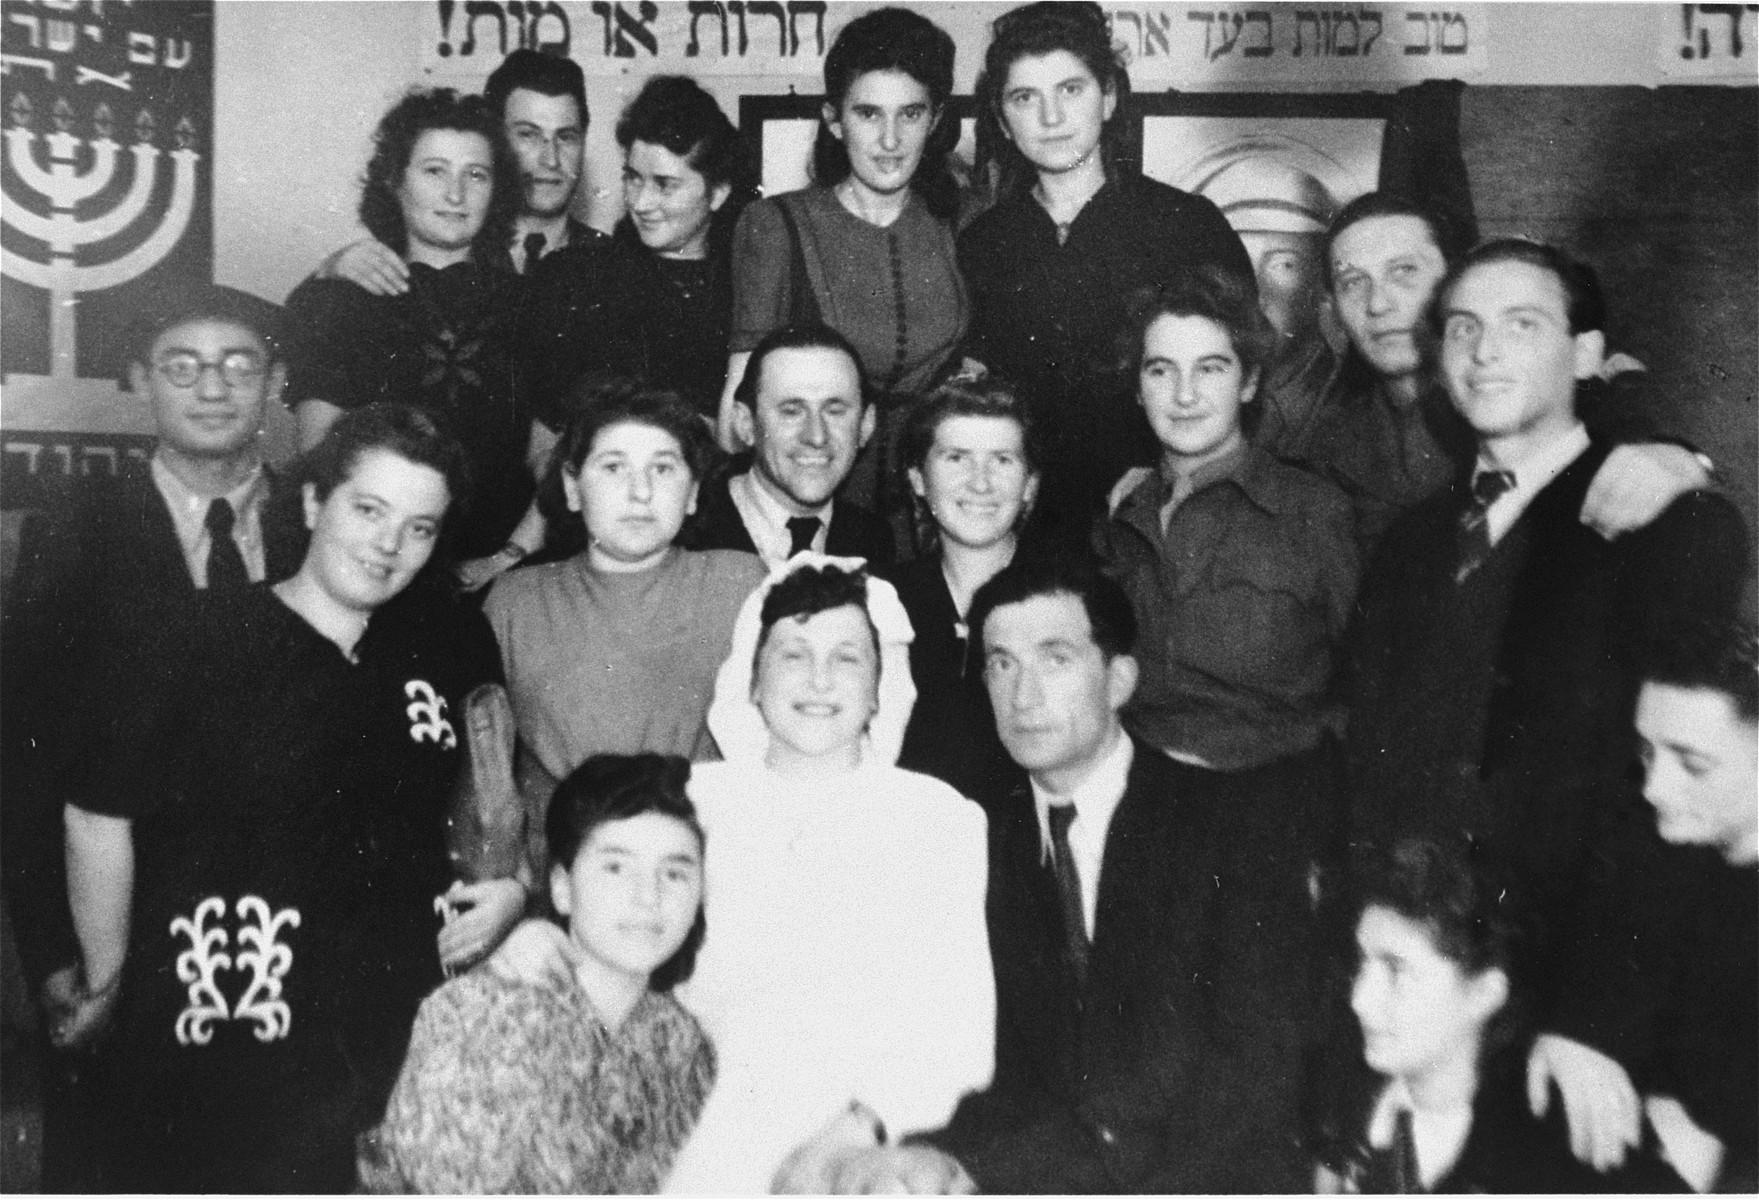 A wedding celebration in the Bergen-Belsen DP camp.